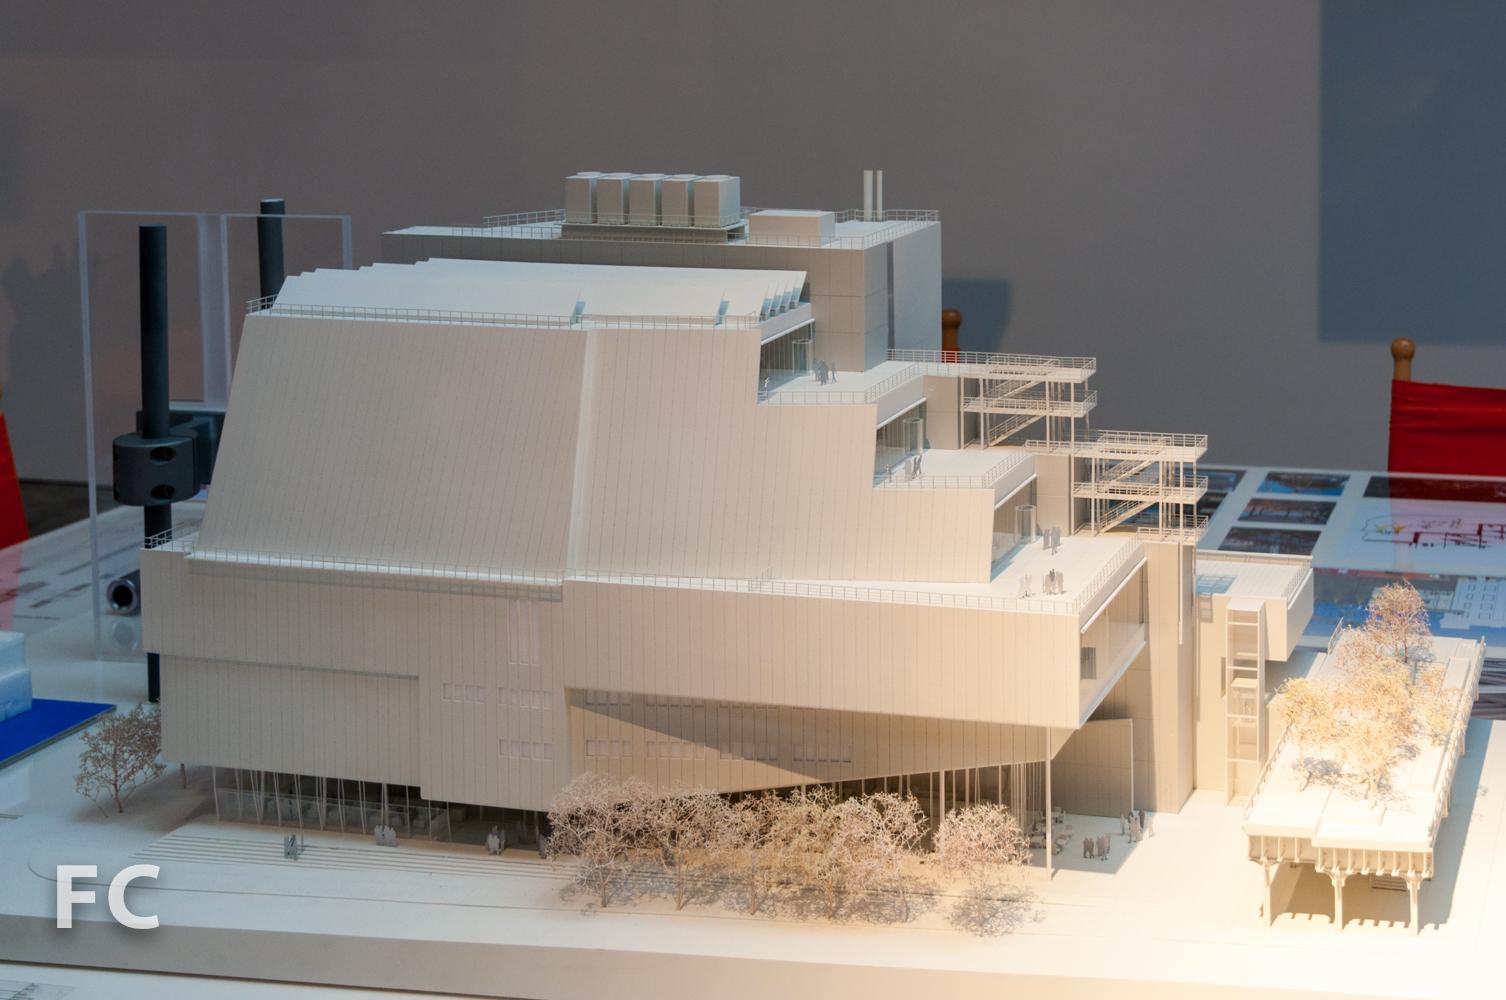 Presentationmodel of final design.